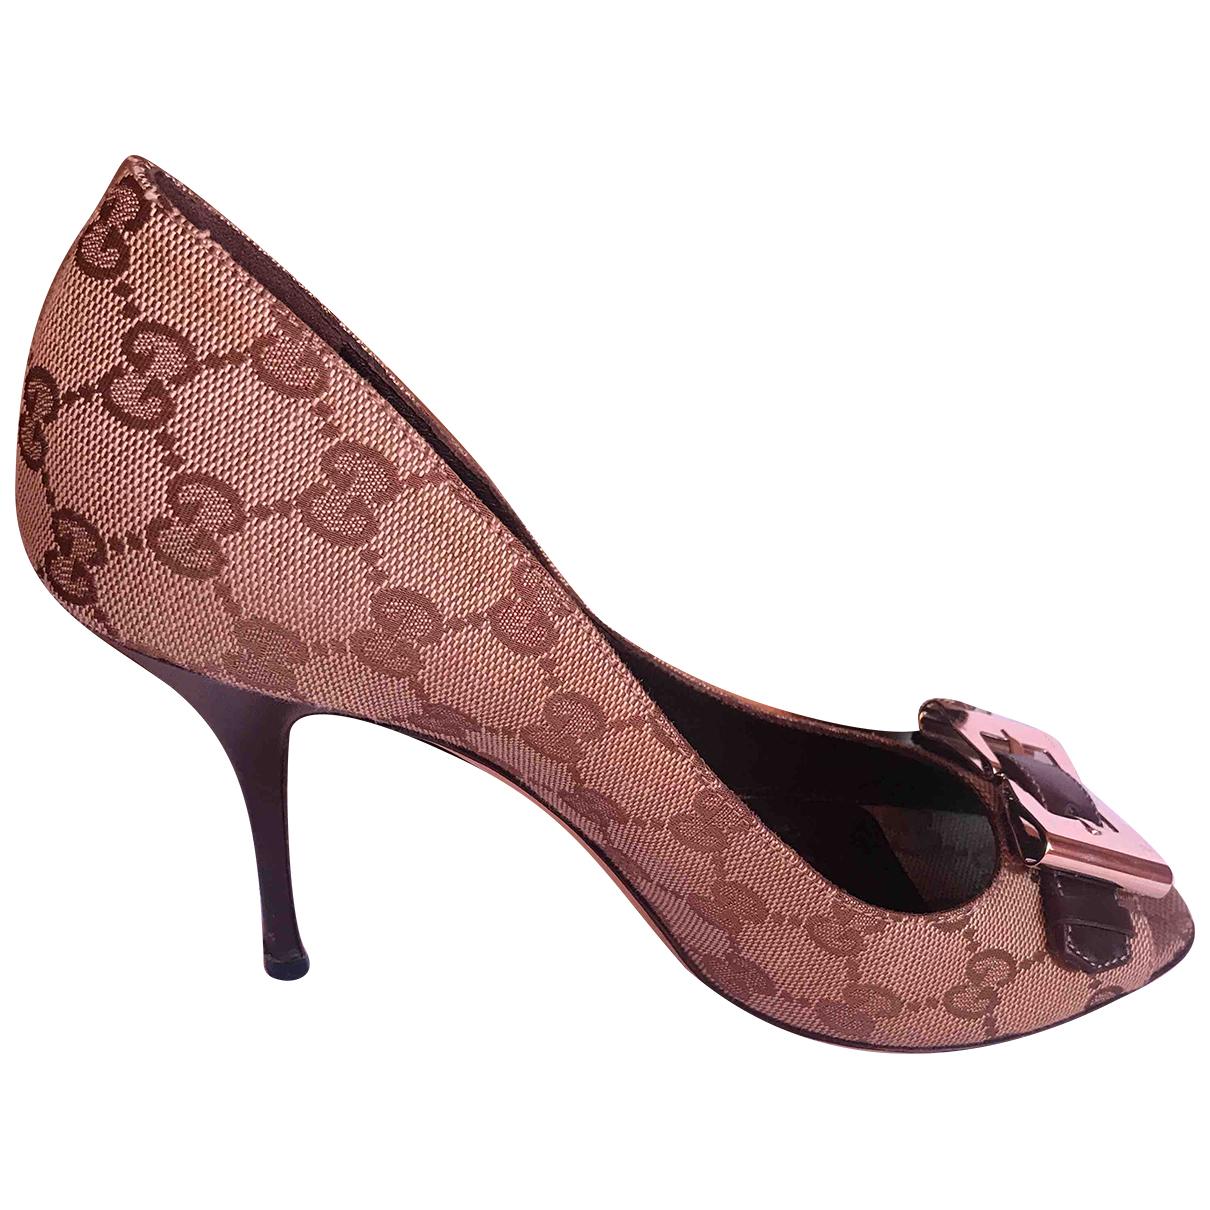 Gucci - Sandales   pour femme en toile - marron